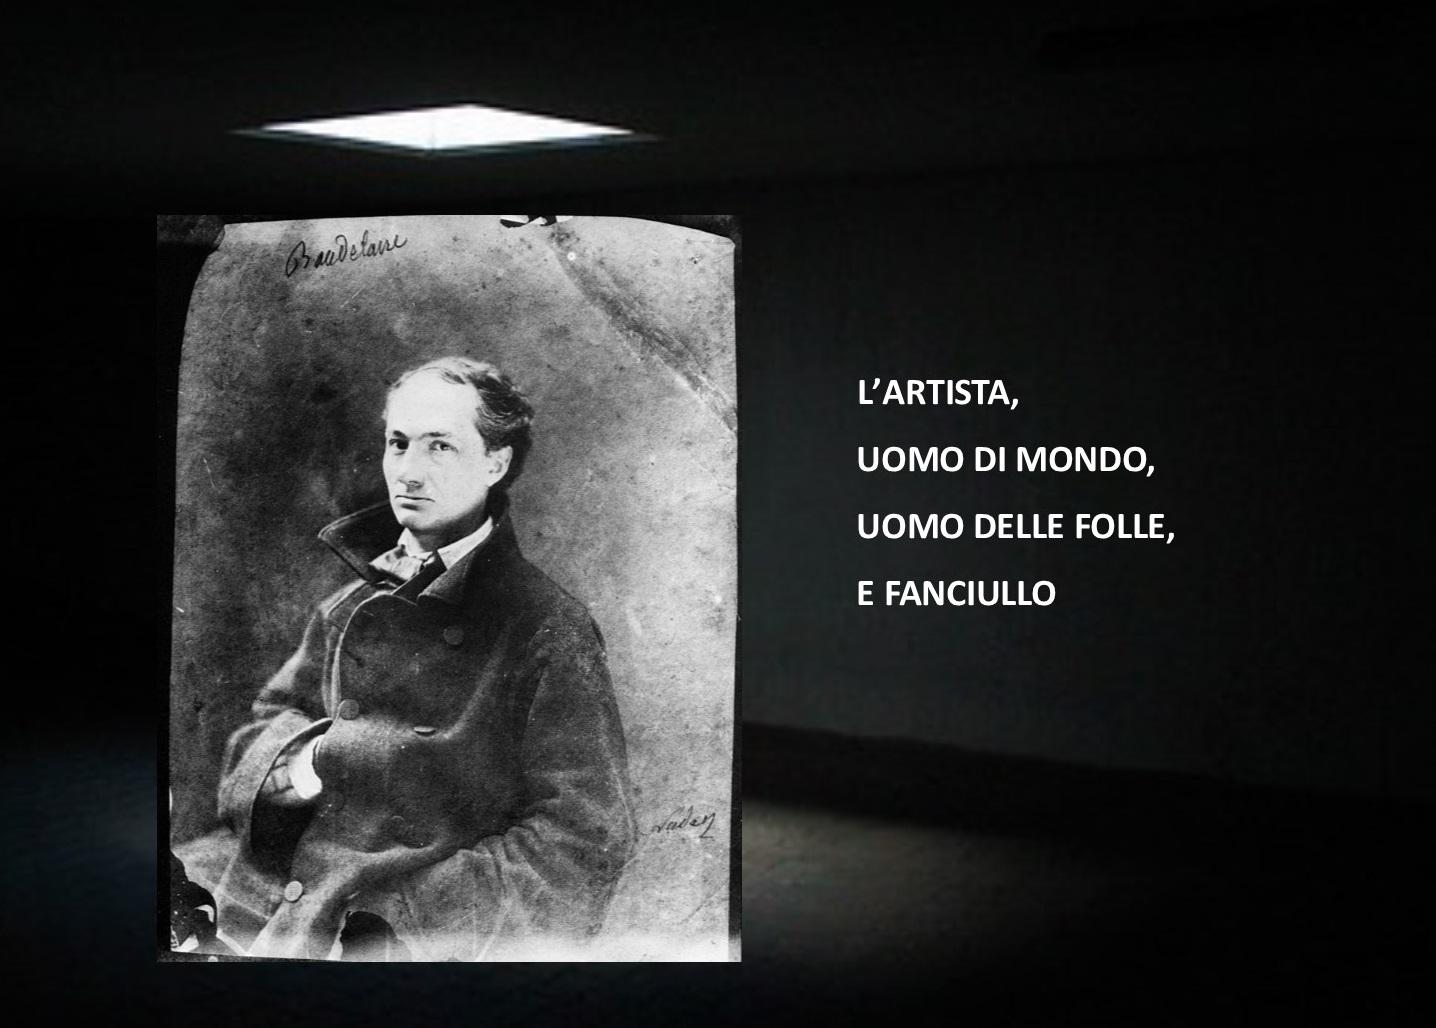 """""""L'Arte romantica"""" di Charles Baudelaire: l'artista, uomo di mondo, uomo delle folle e fanciullo"""